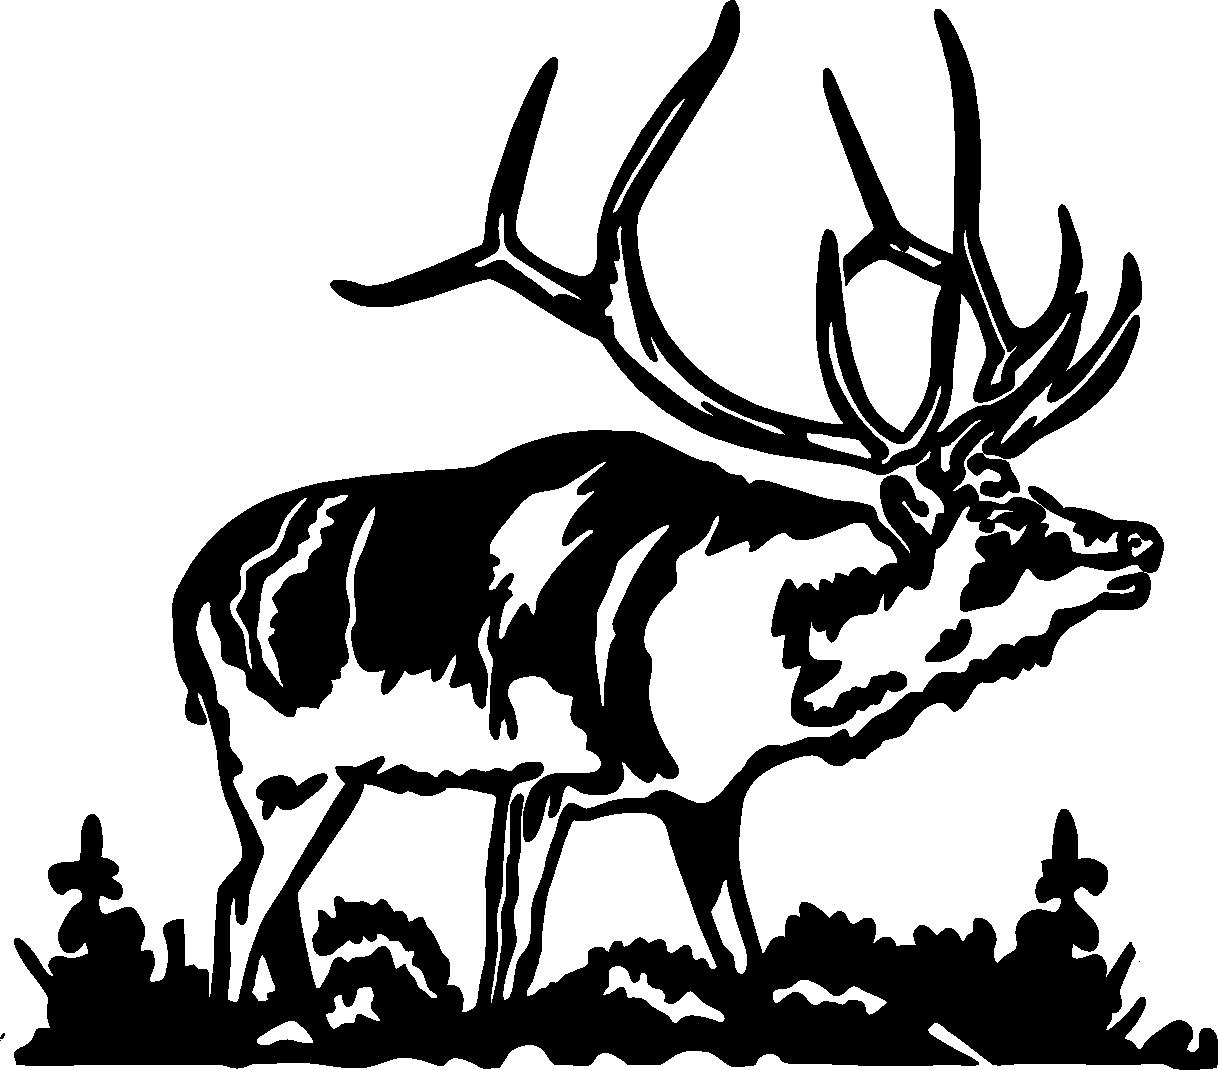 Elk silhouette images dromffm top clipart